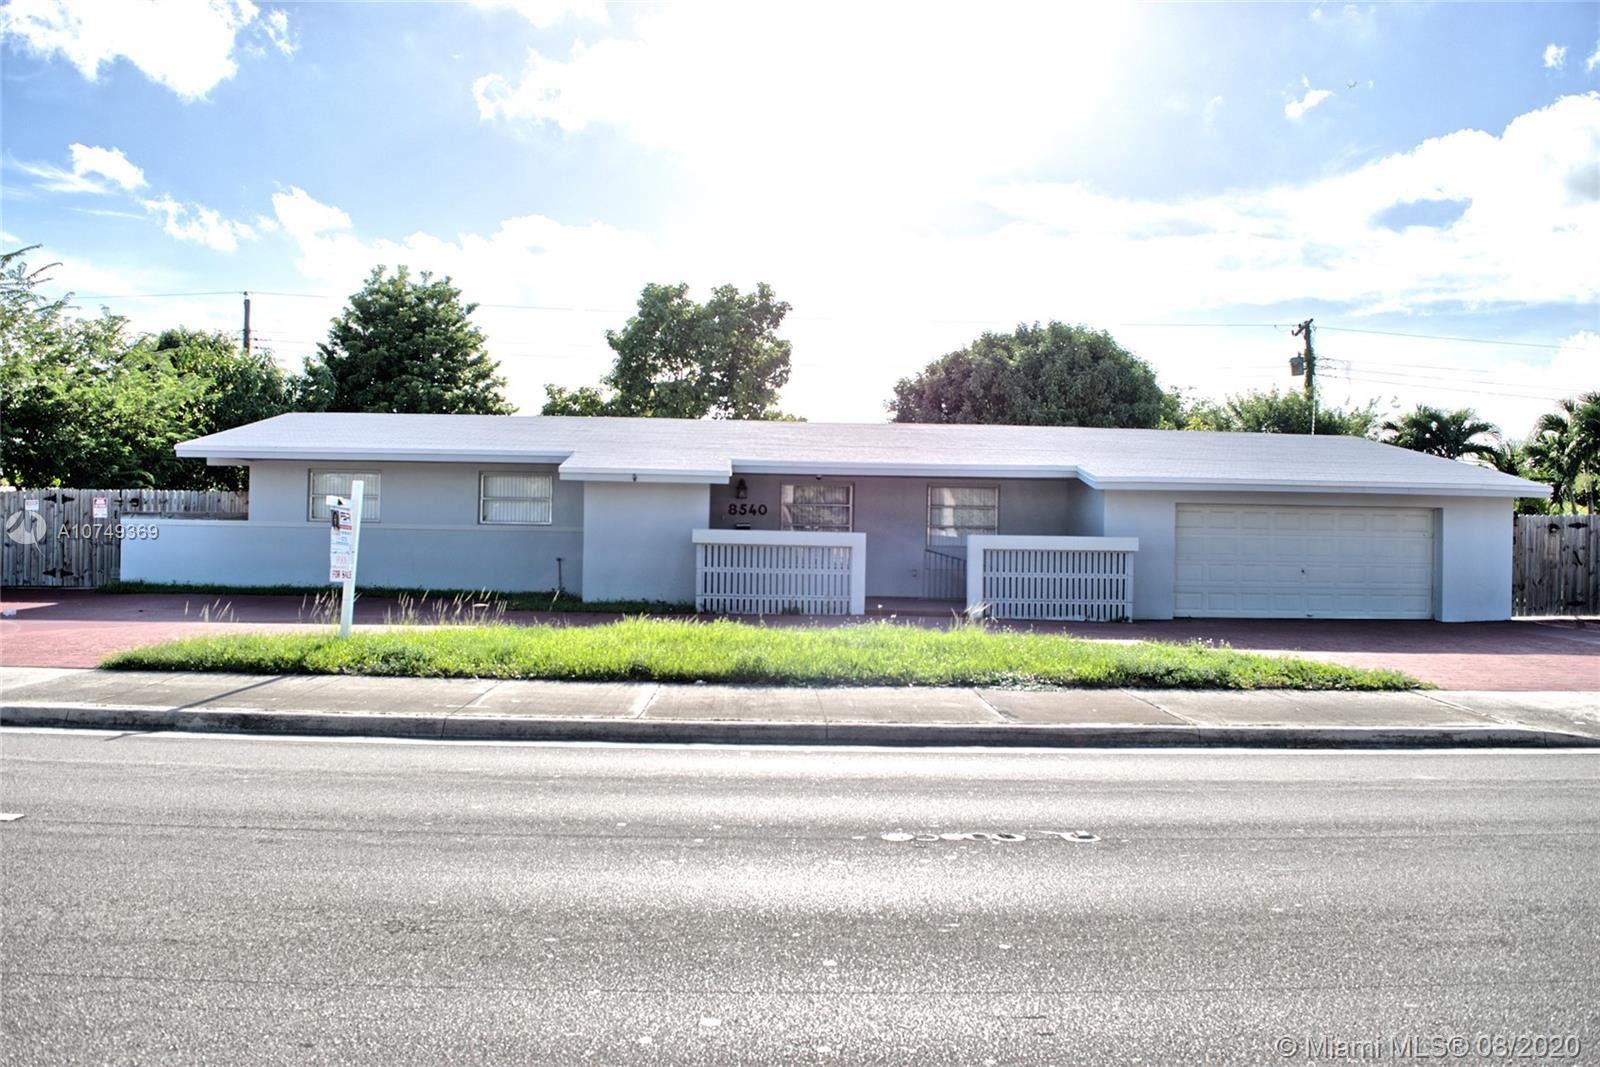 8540 SW 87th Ave, Miami, FL 33173 - #: A10749369